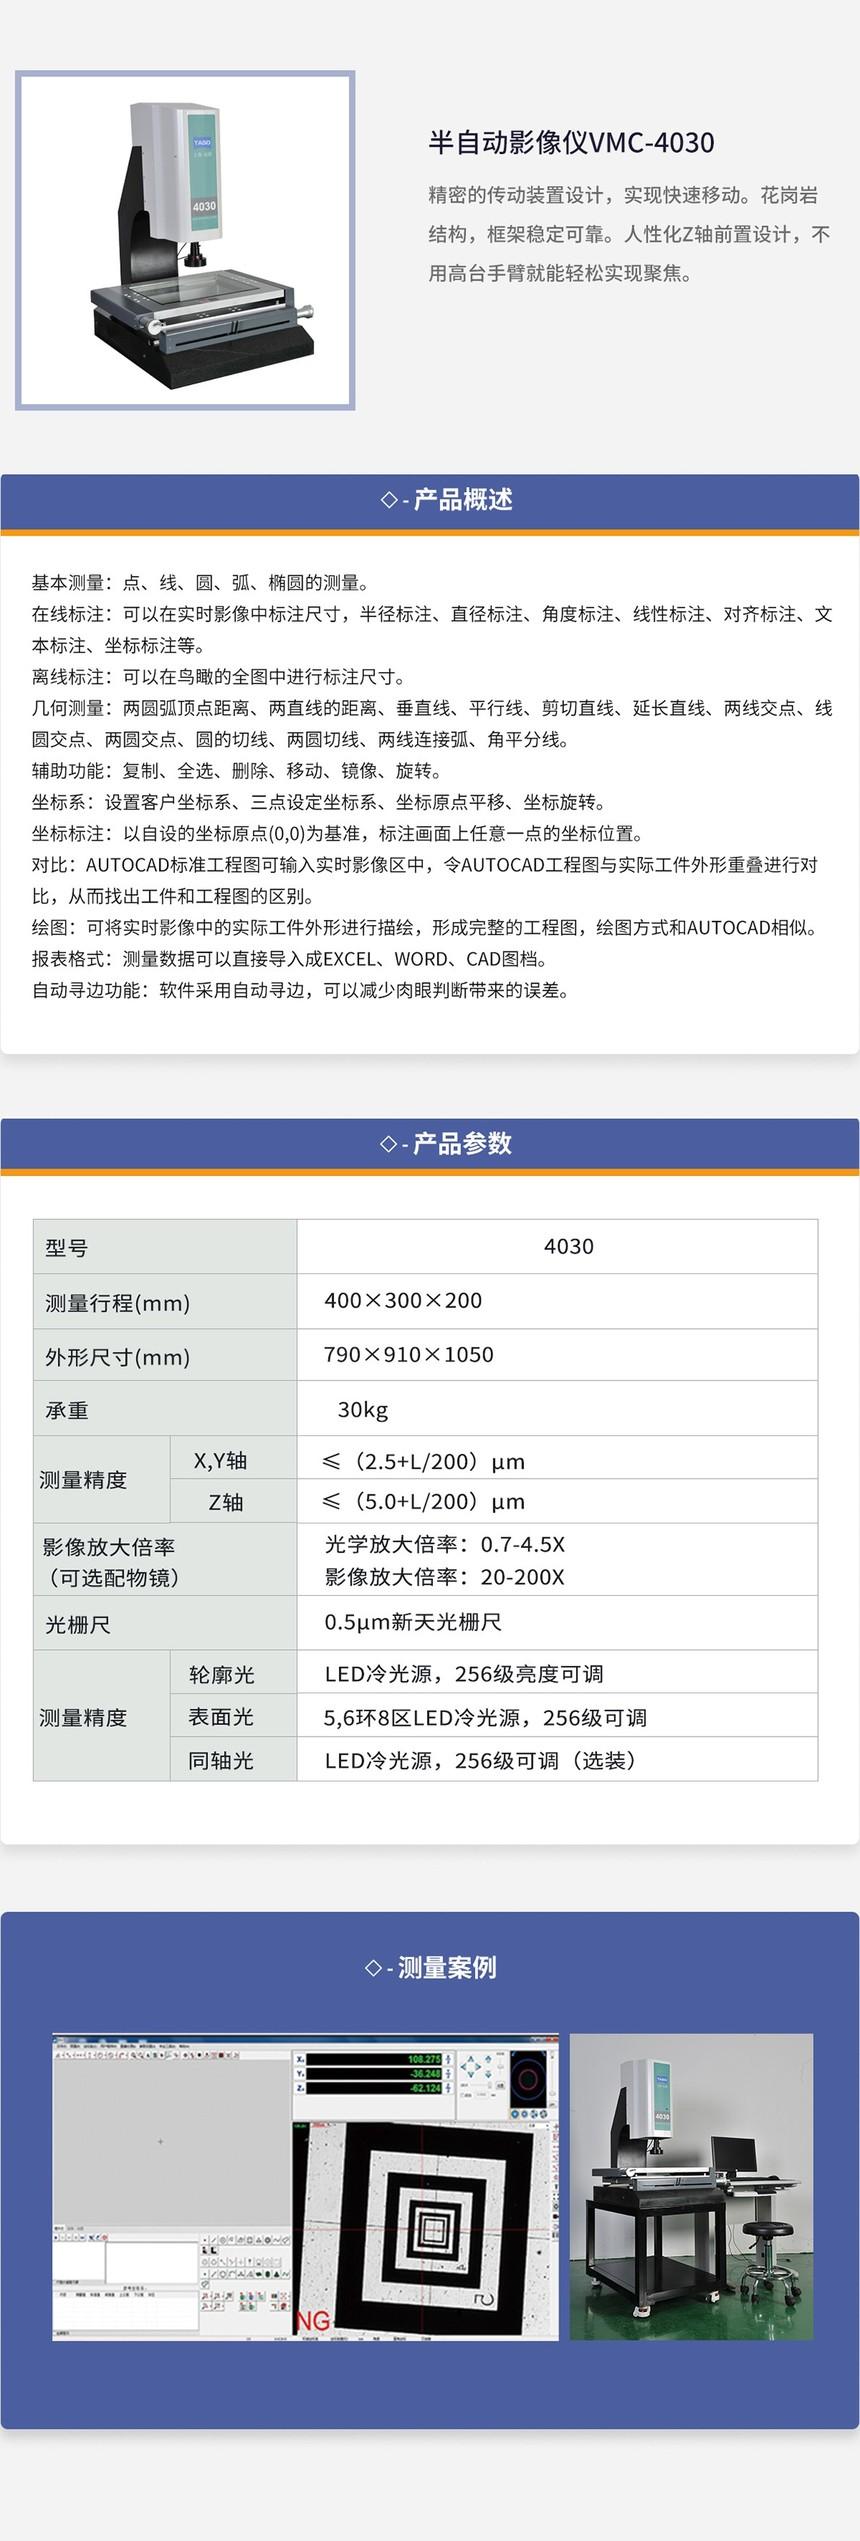 产品中心-4030影像仪_02.jpg